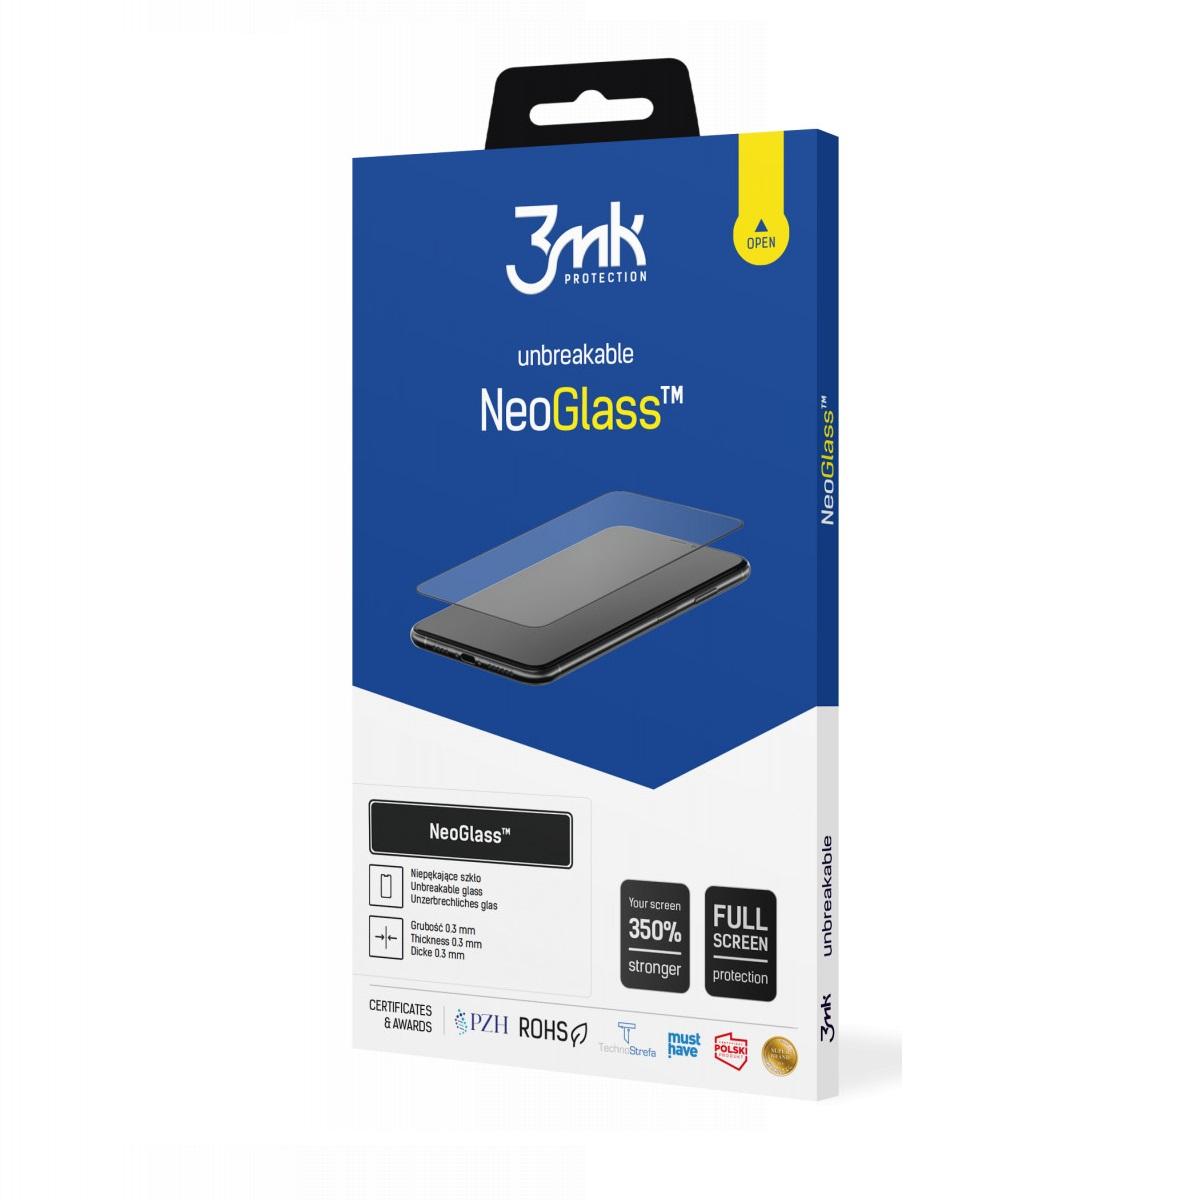 Защитное стекло 3MK NeoGlass для Айфон 12 Про Макс- черное